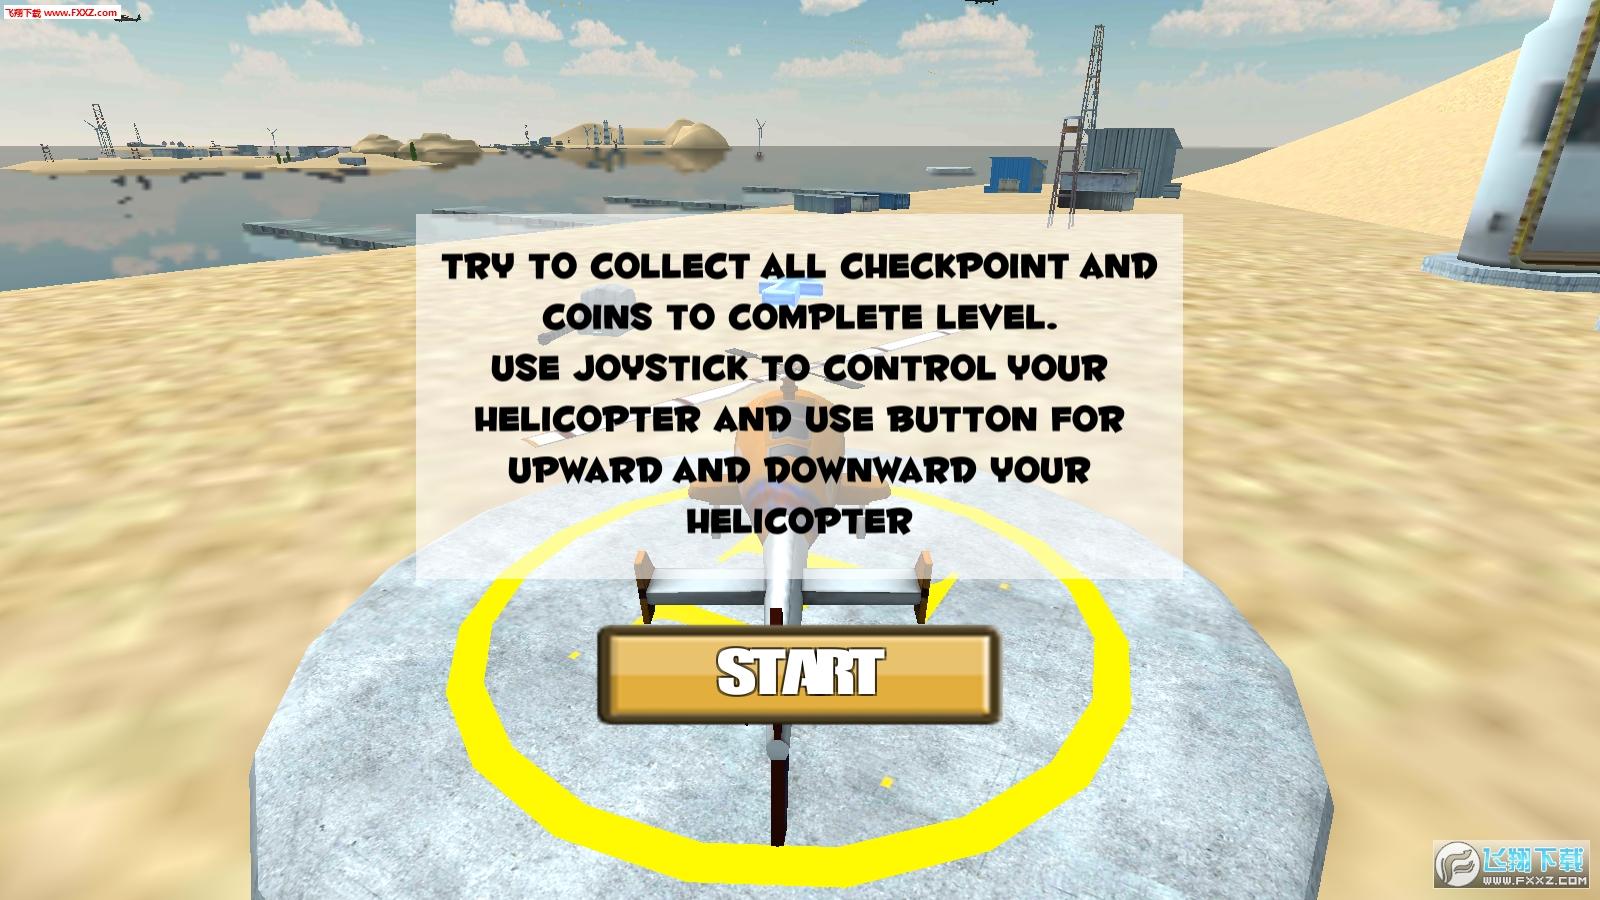 遥控直升机飞行模拟器手游1.0截图2